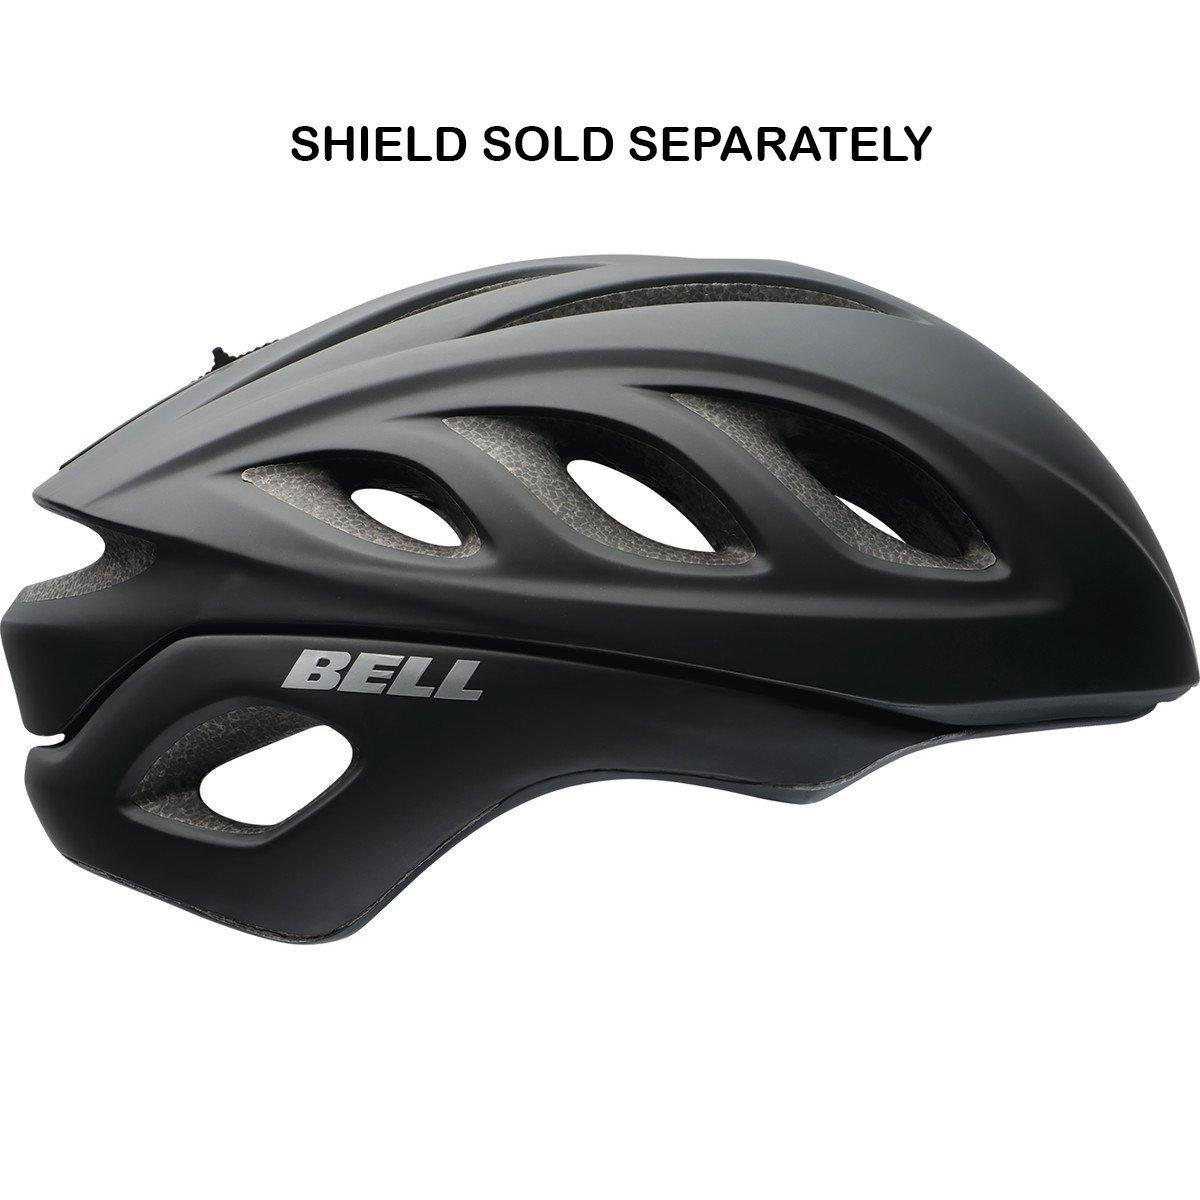 Bell Star Pro Helmet Medium Matte Black [並行輸入品]   B075K7QZJP